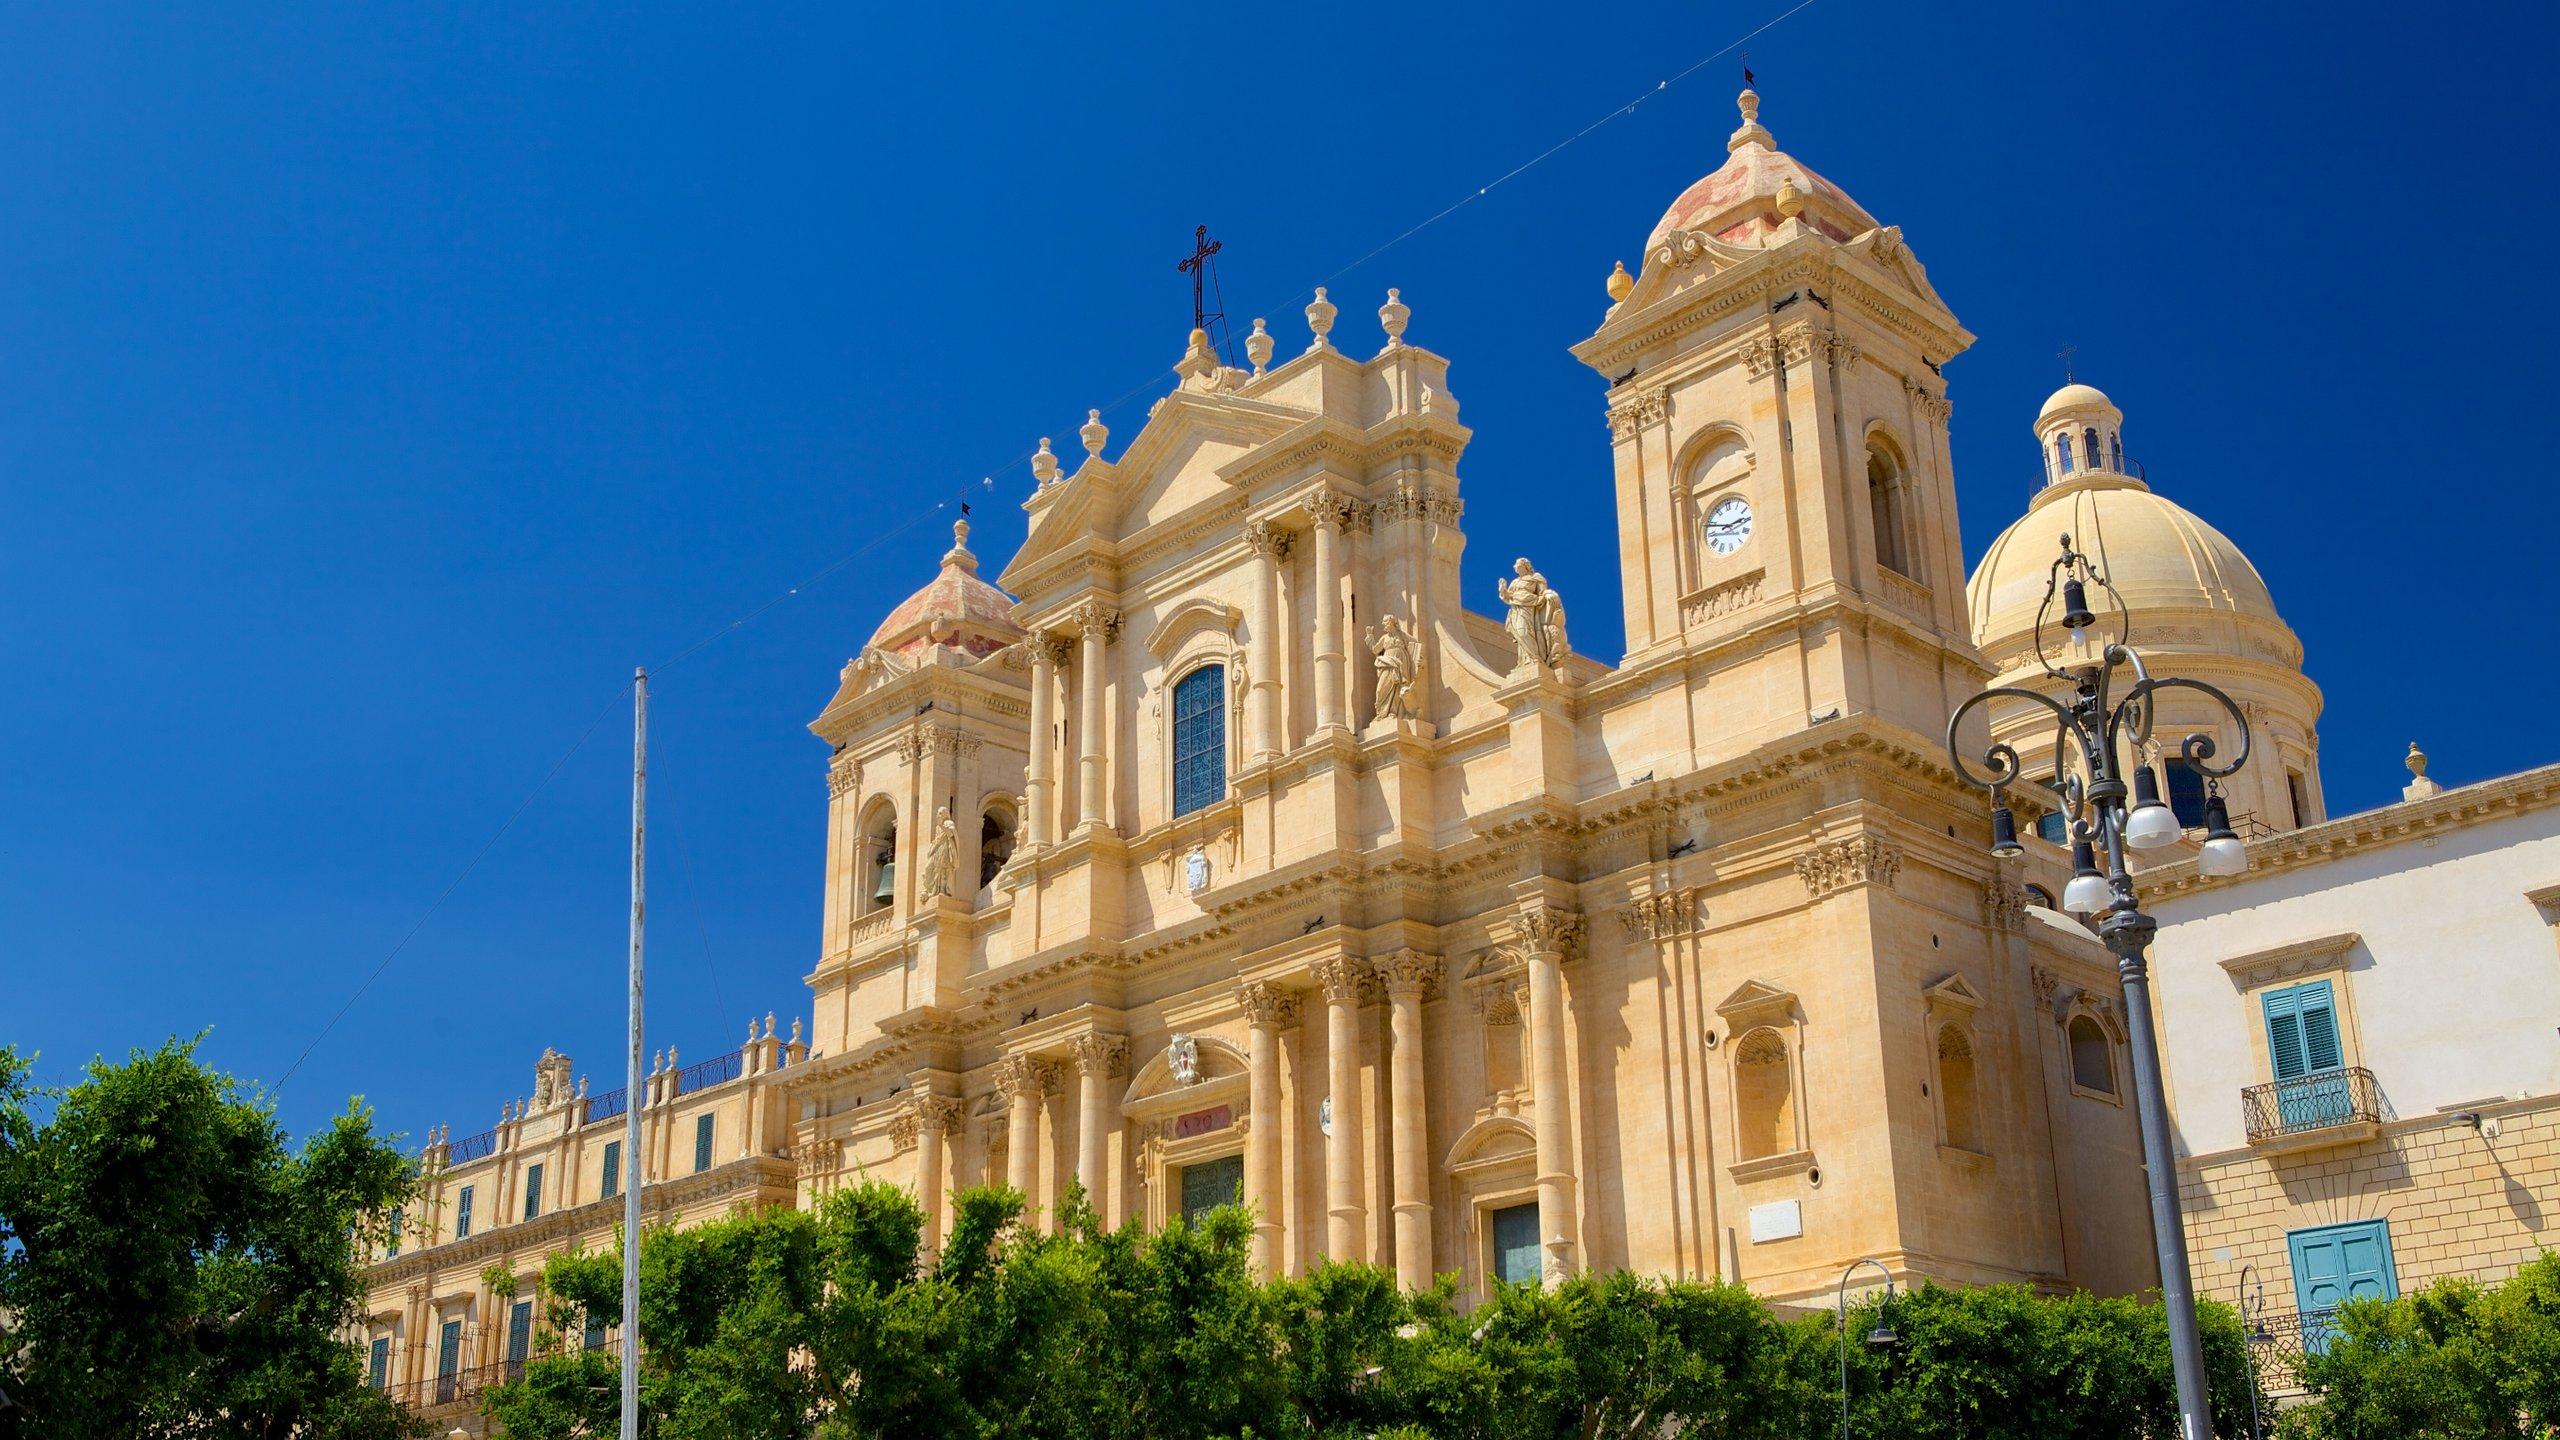 Centro storico di Noto, Noto, Sicilia, Italia